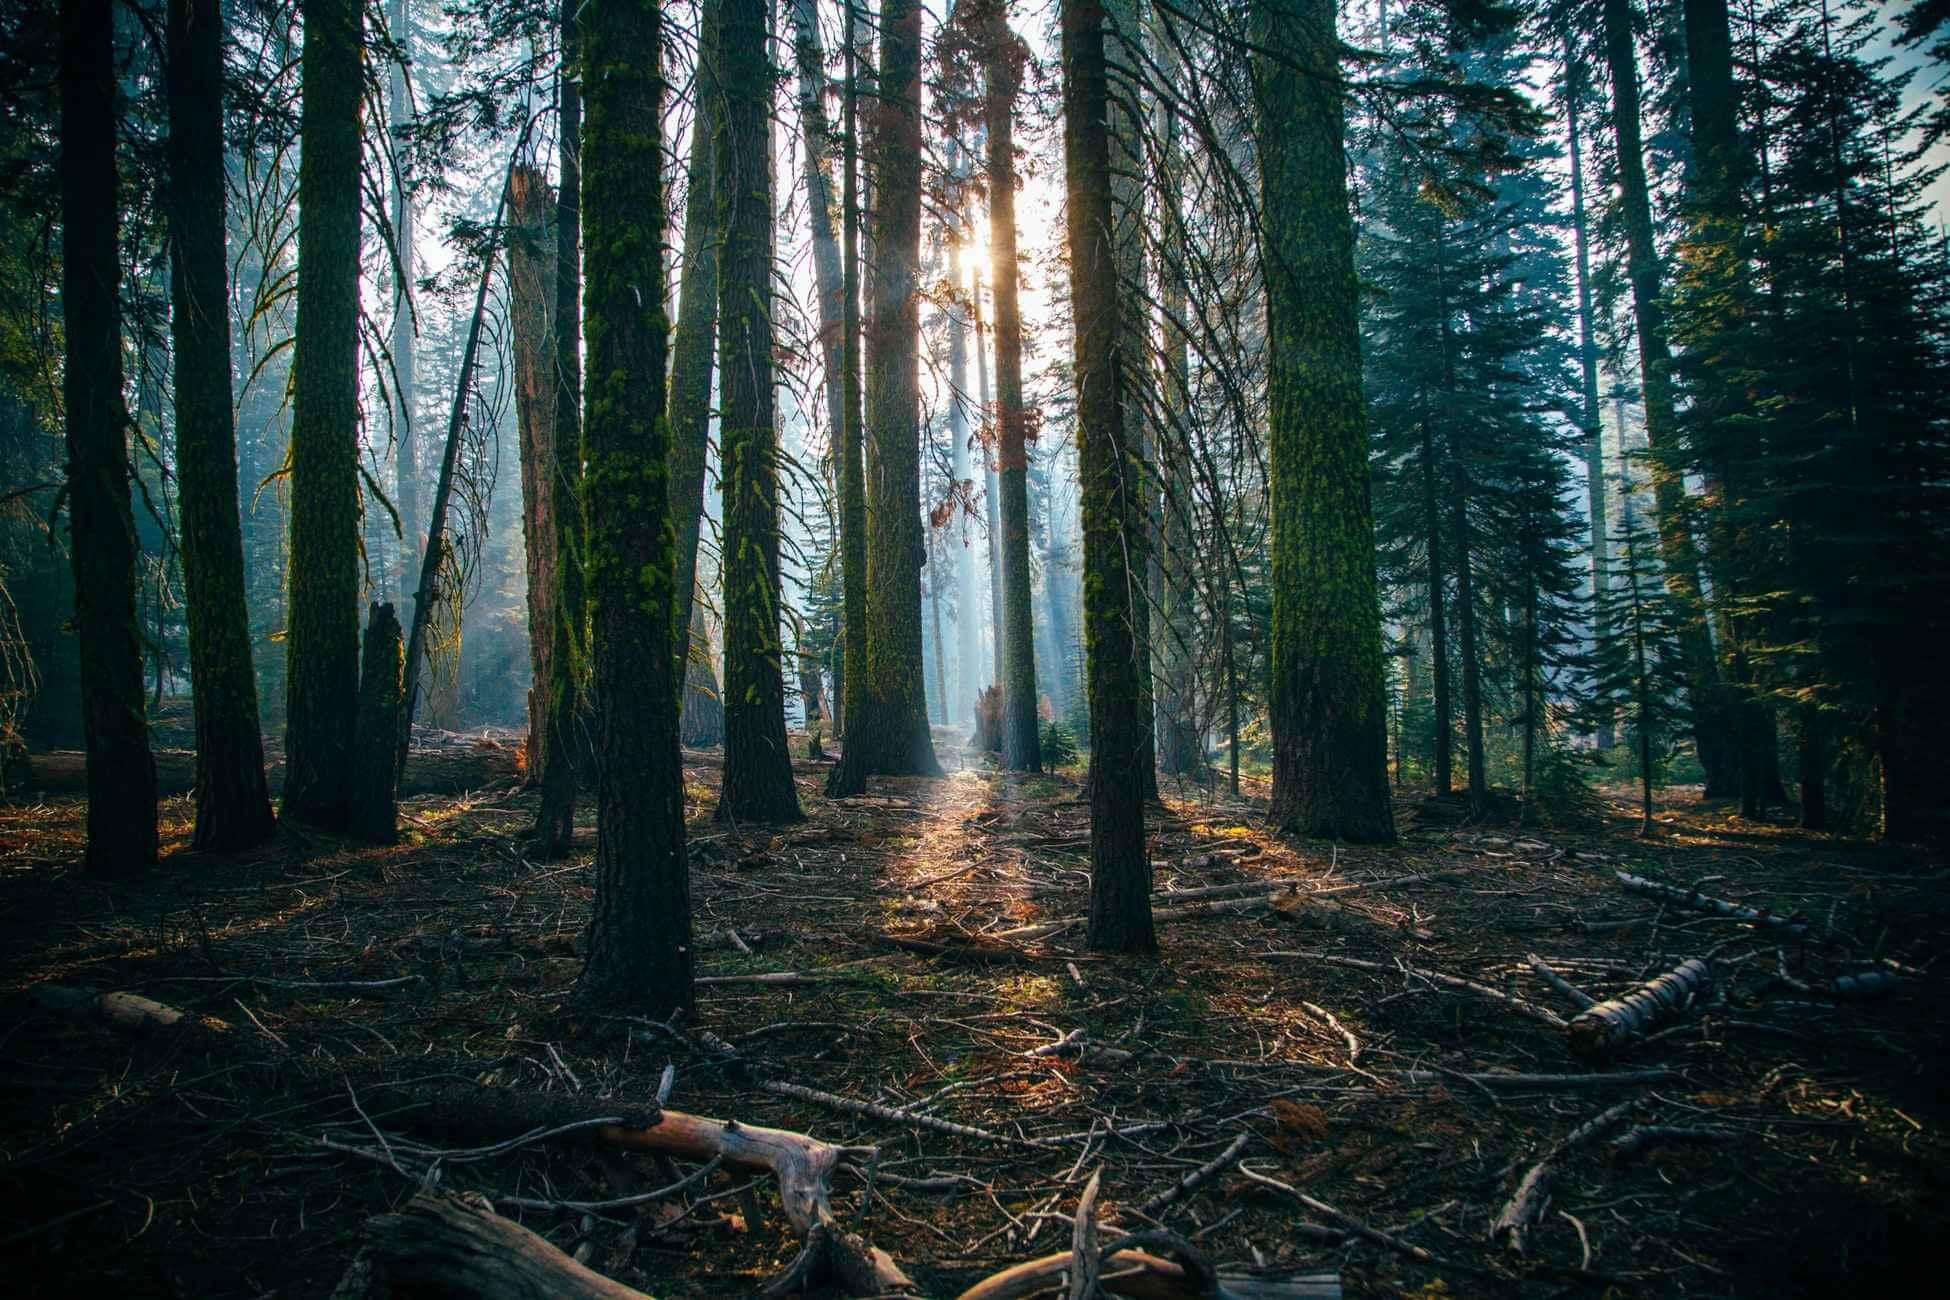 美新塑木-愛護森林減少砍伐